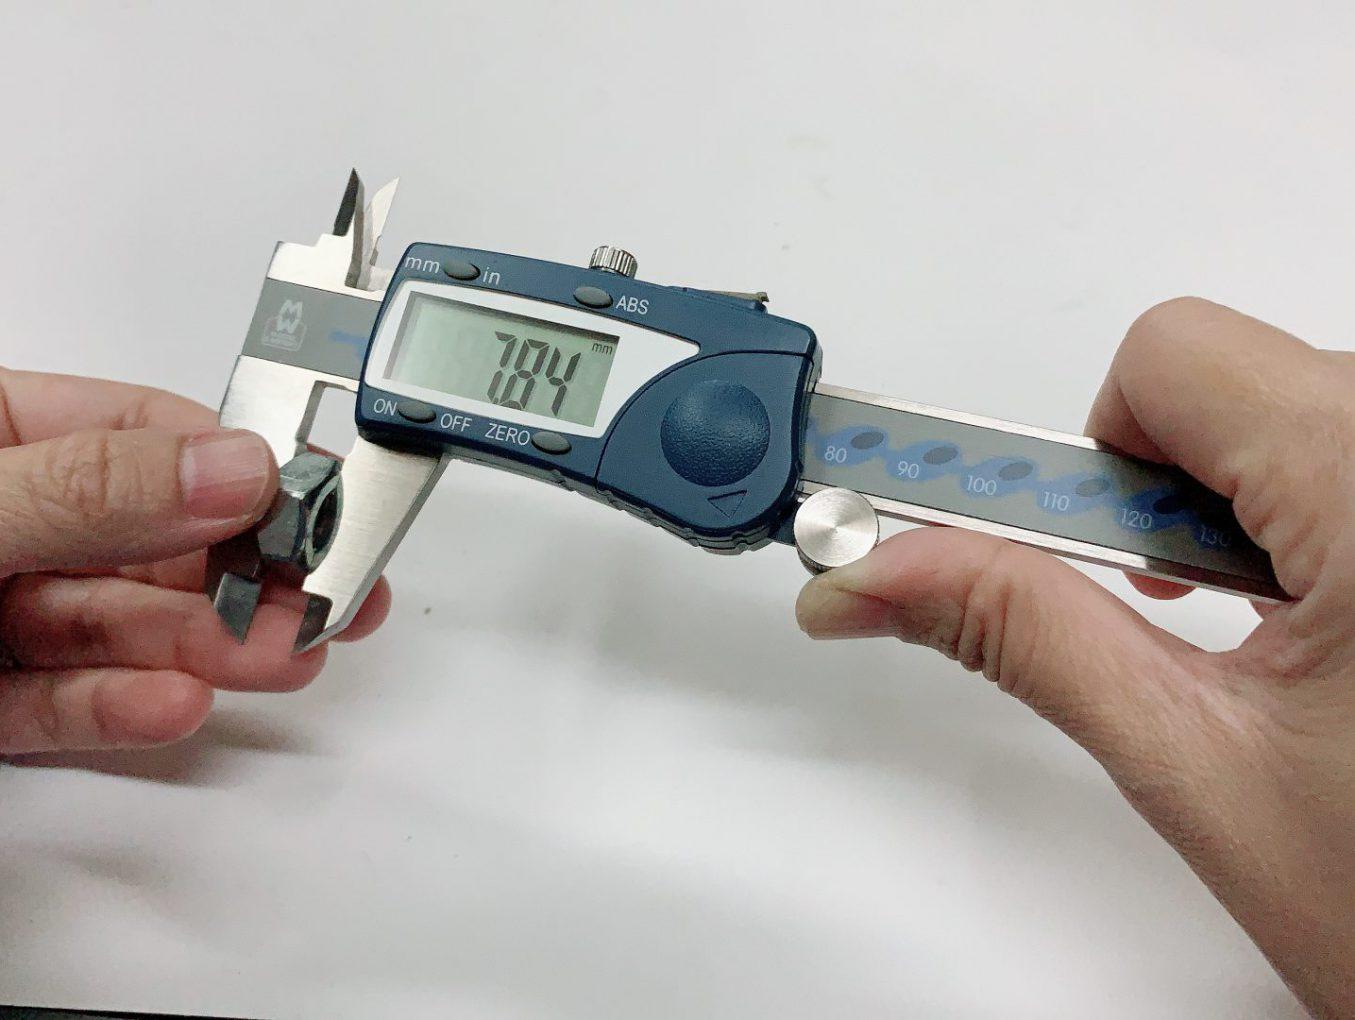 4วิธีการวัดขนาด ด้วยเวอร์เนียคาลิเปอร์ตัวเดียว 4 types of Vernier Measurement